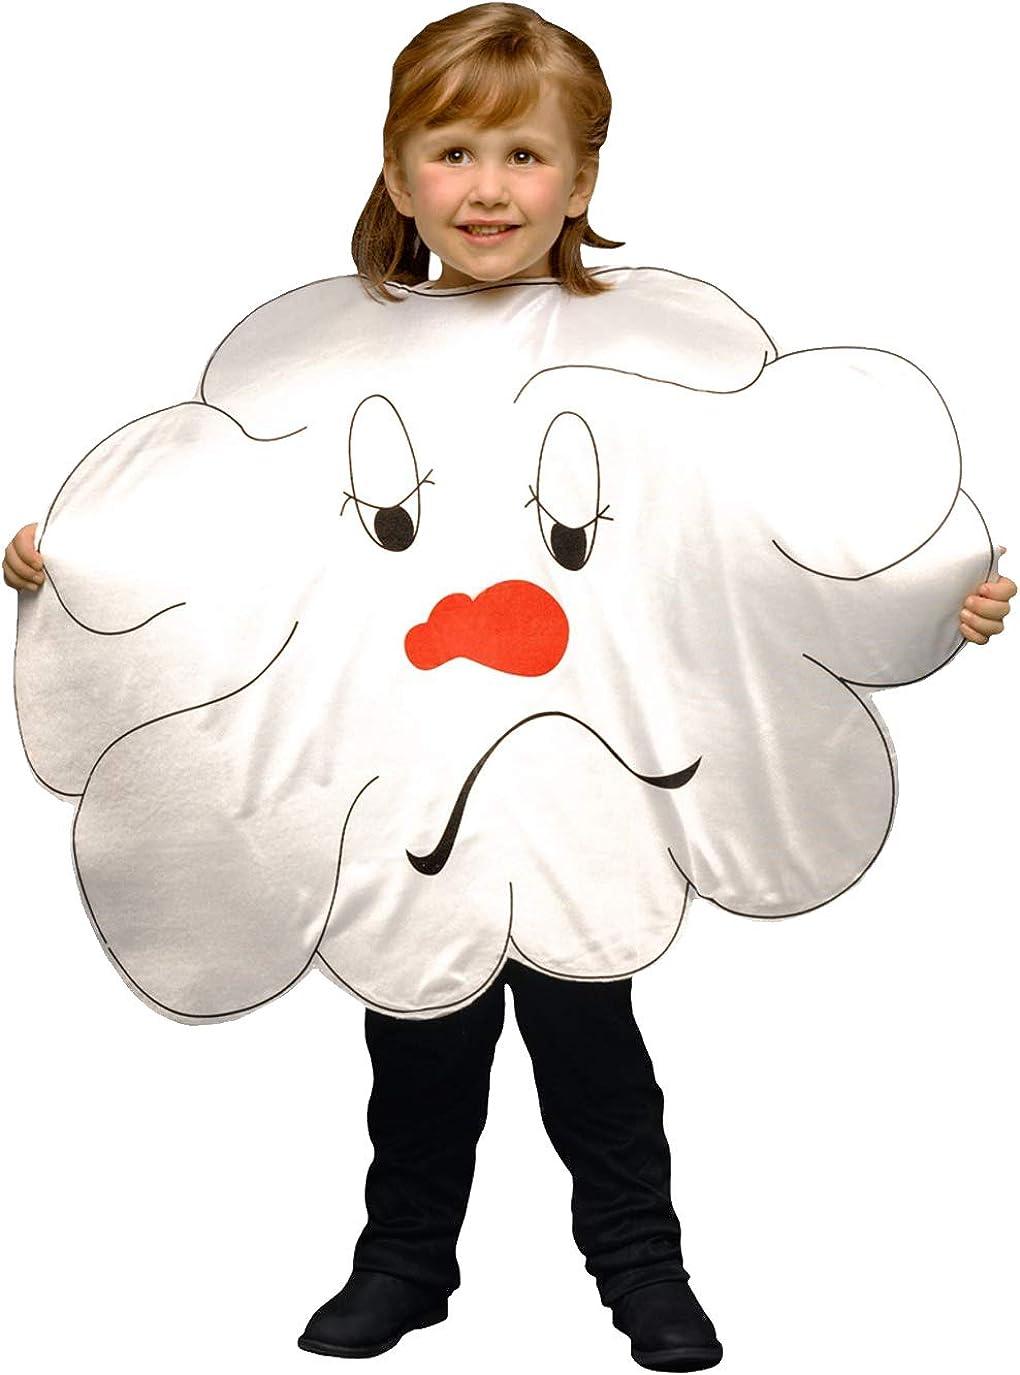 Disfraz de nube - Talla - 5-6 años: Amazon.es: Ropa y accesorios